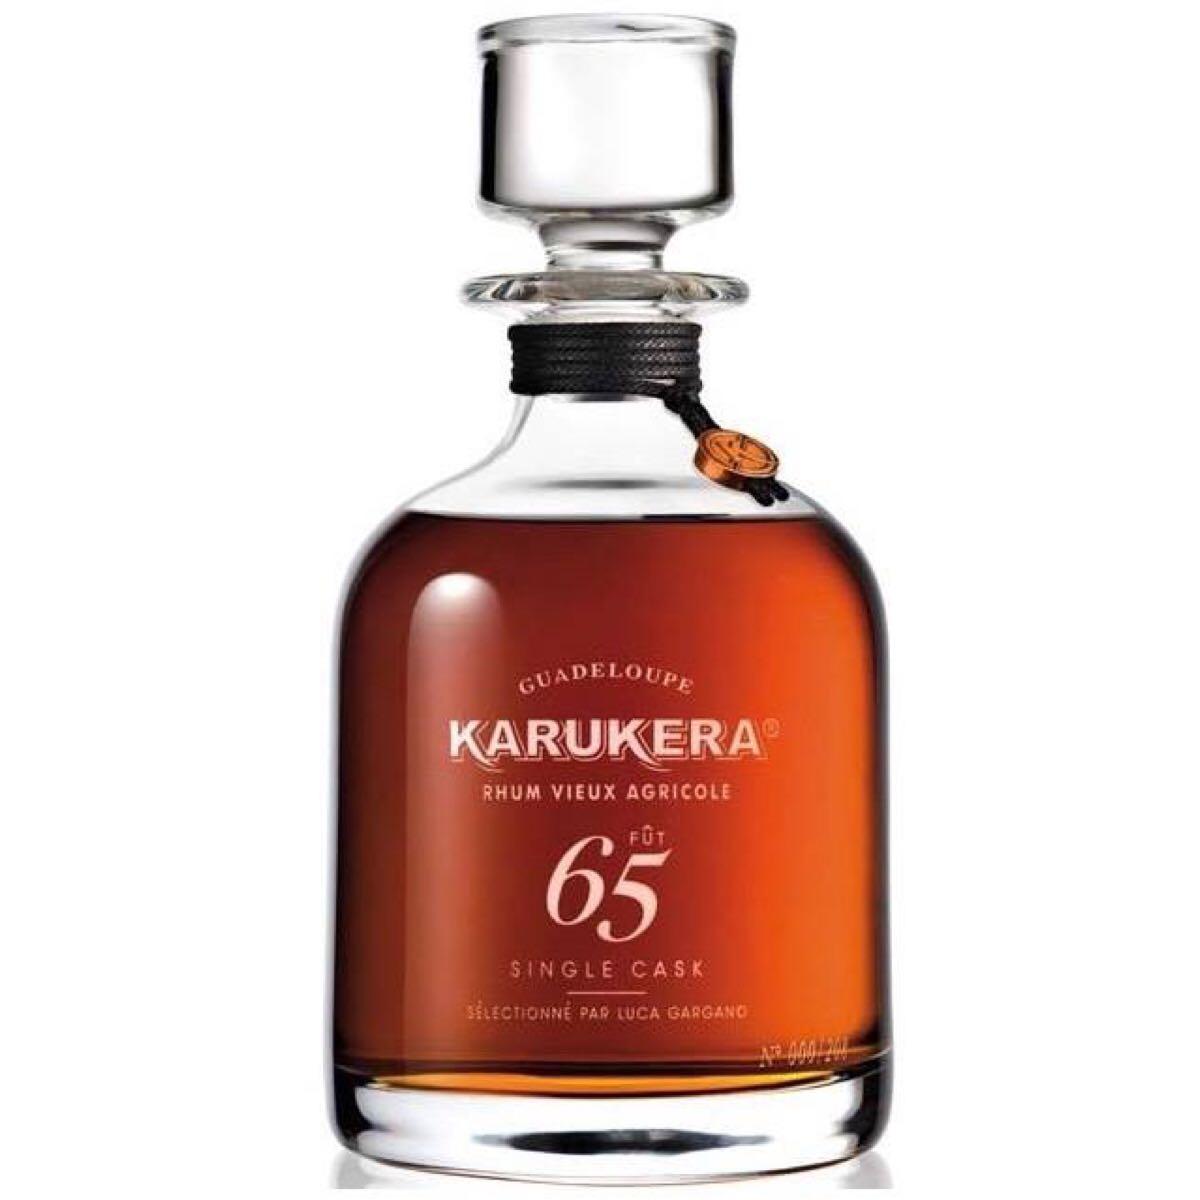 Bottle image of Karukera Fût 65 Single Cask